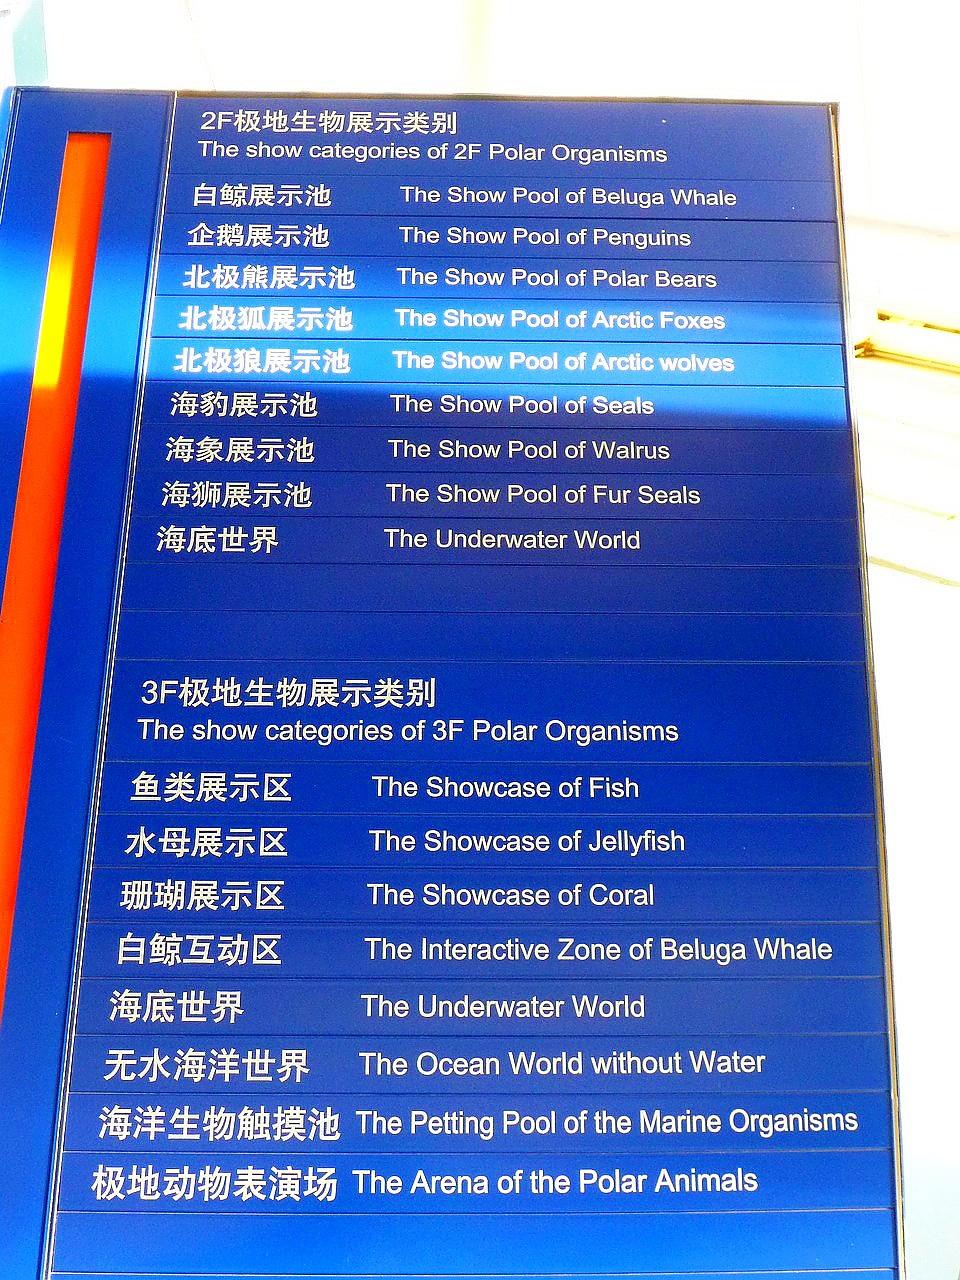 因為是極地海洋館,所以有一半的展場都是極地生物